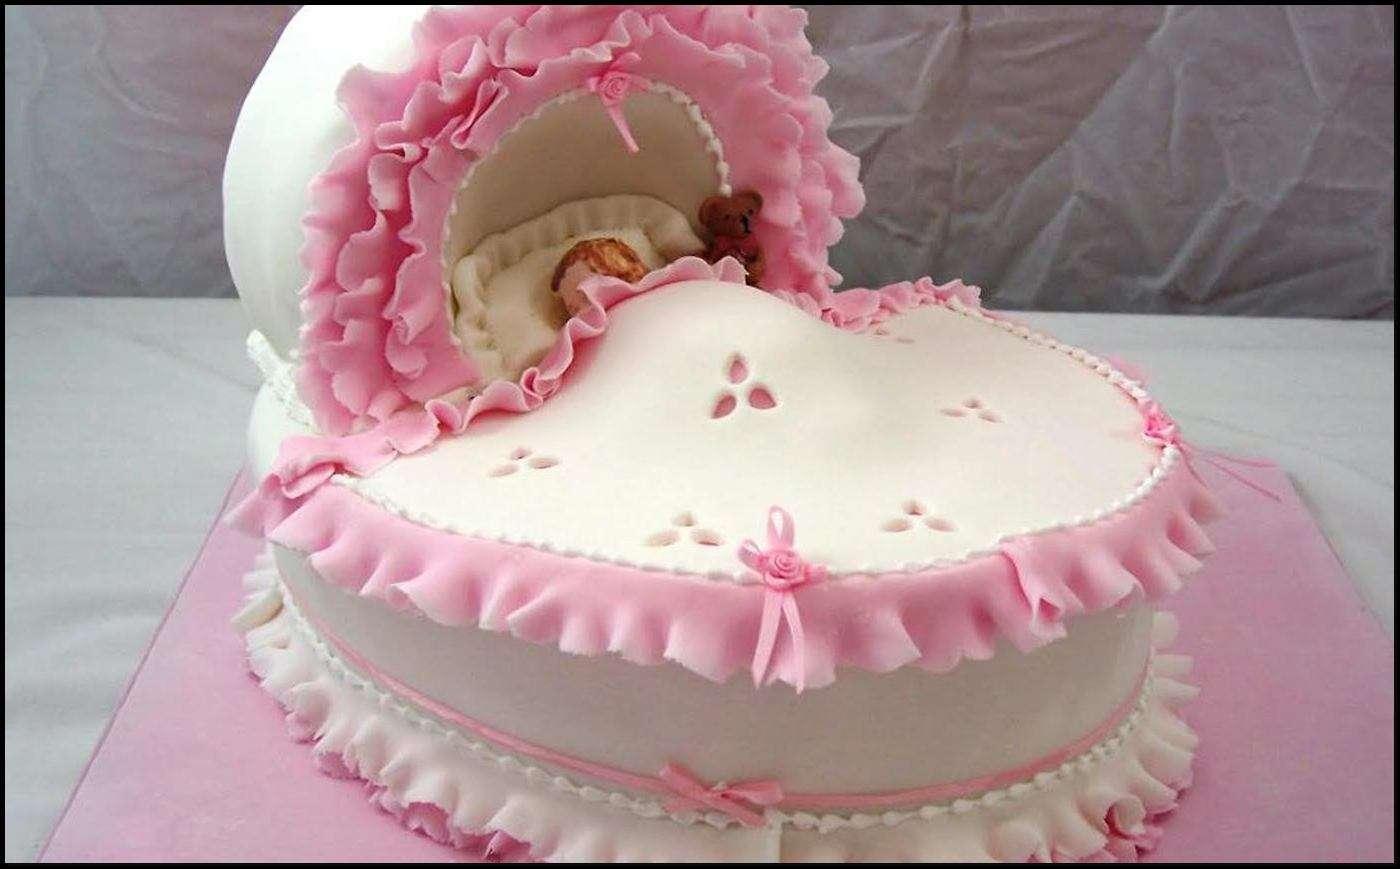 Τούρτα γενεθλίων - πολύχρωμο τούρτα γενεθλίων (10×10)